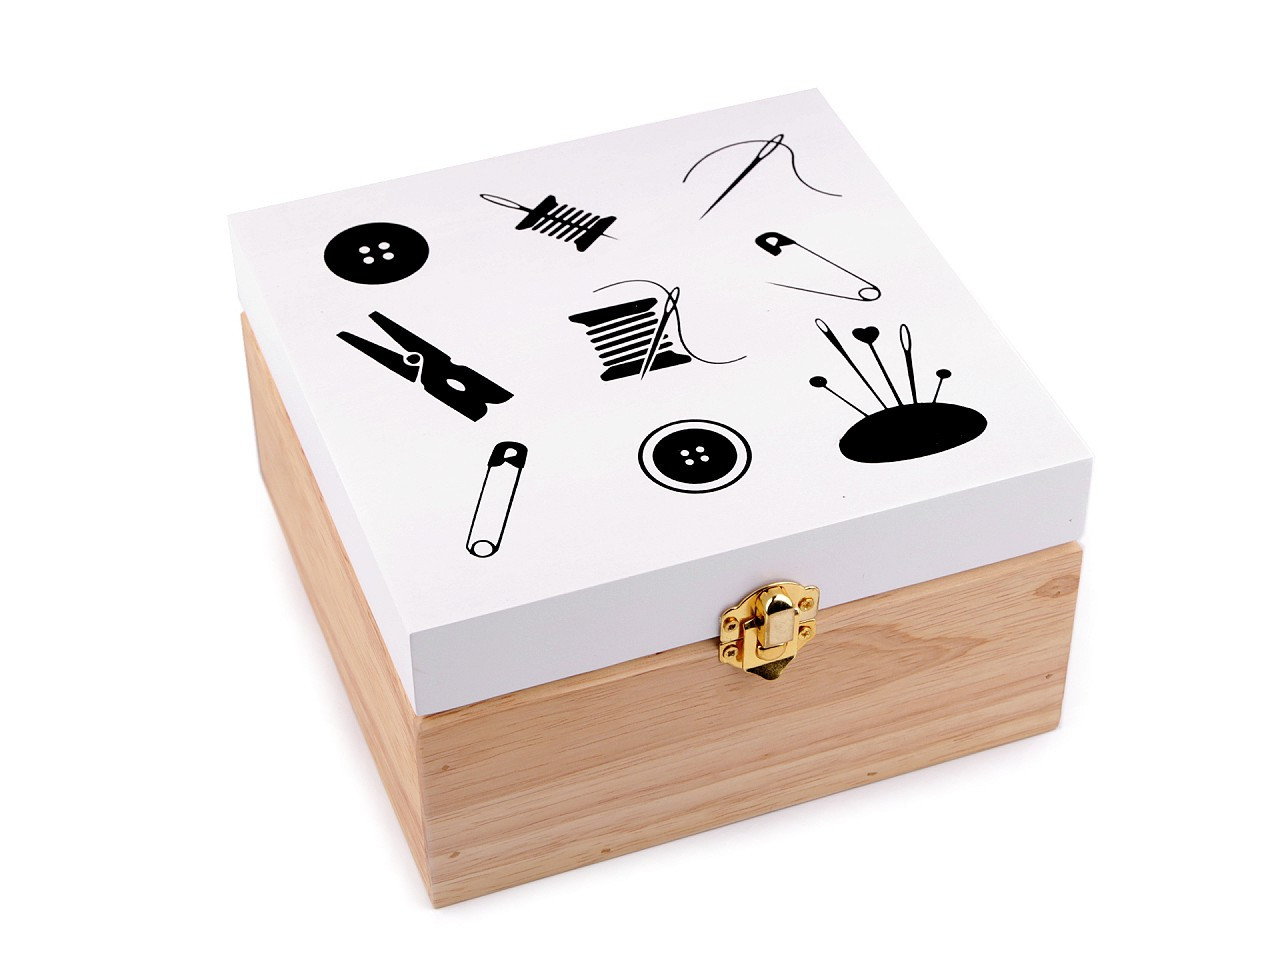 Kazeta / krabice na šití dřevěná